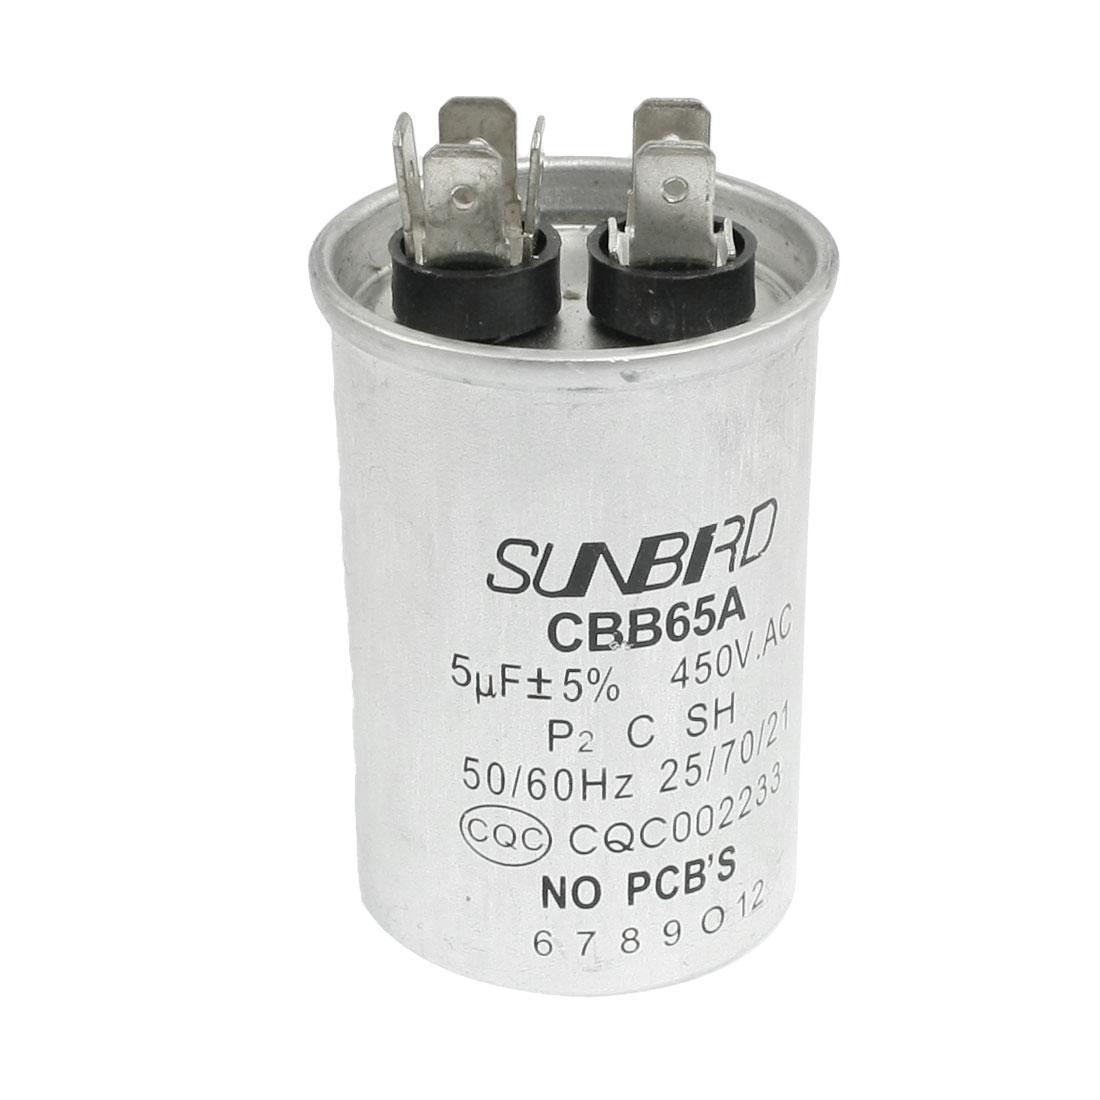 CBB65A 5uF 450V AC 50/60Hz Metallized Polypropylene Film Motor Capacitor